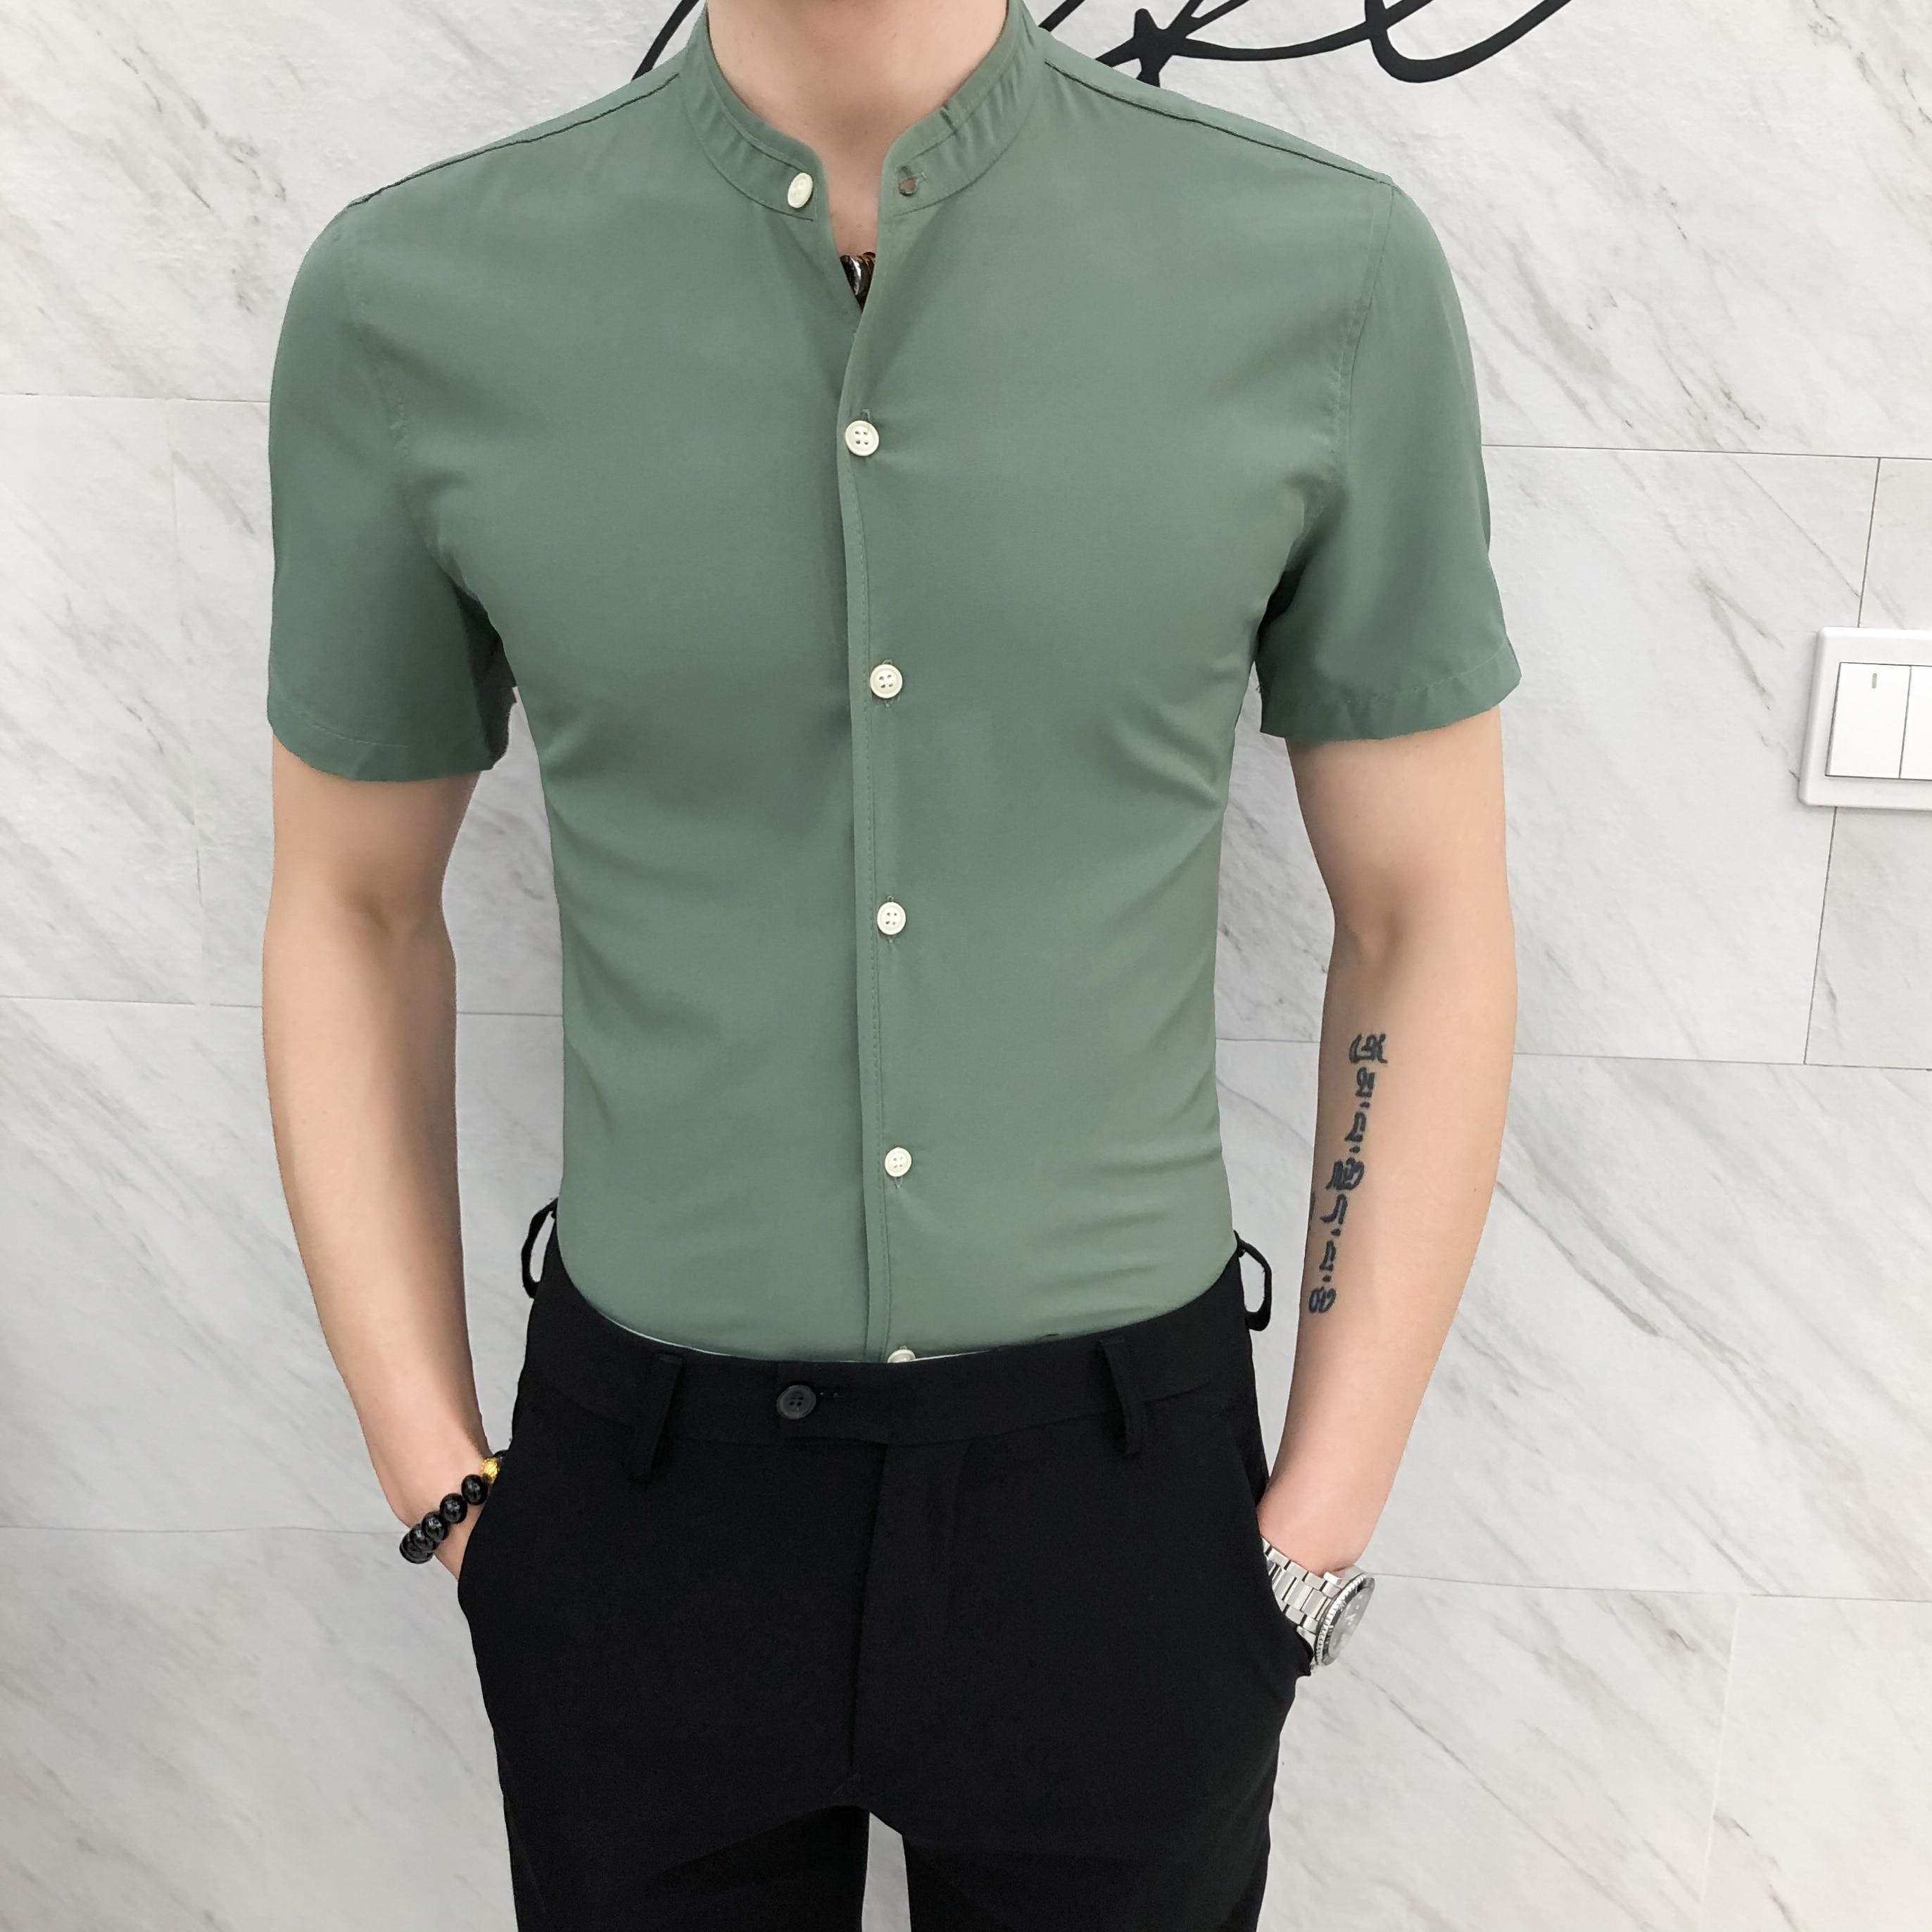 قميص رجالي بأكمام قصيرة ، كاجوال ، أسود ، صيفي ، أبيض ، هاواي ، نحيف ، زر ، ياقة واقفة ، أخضر ، 2020